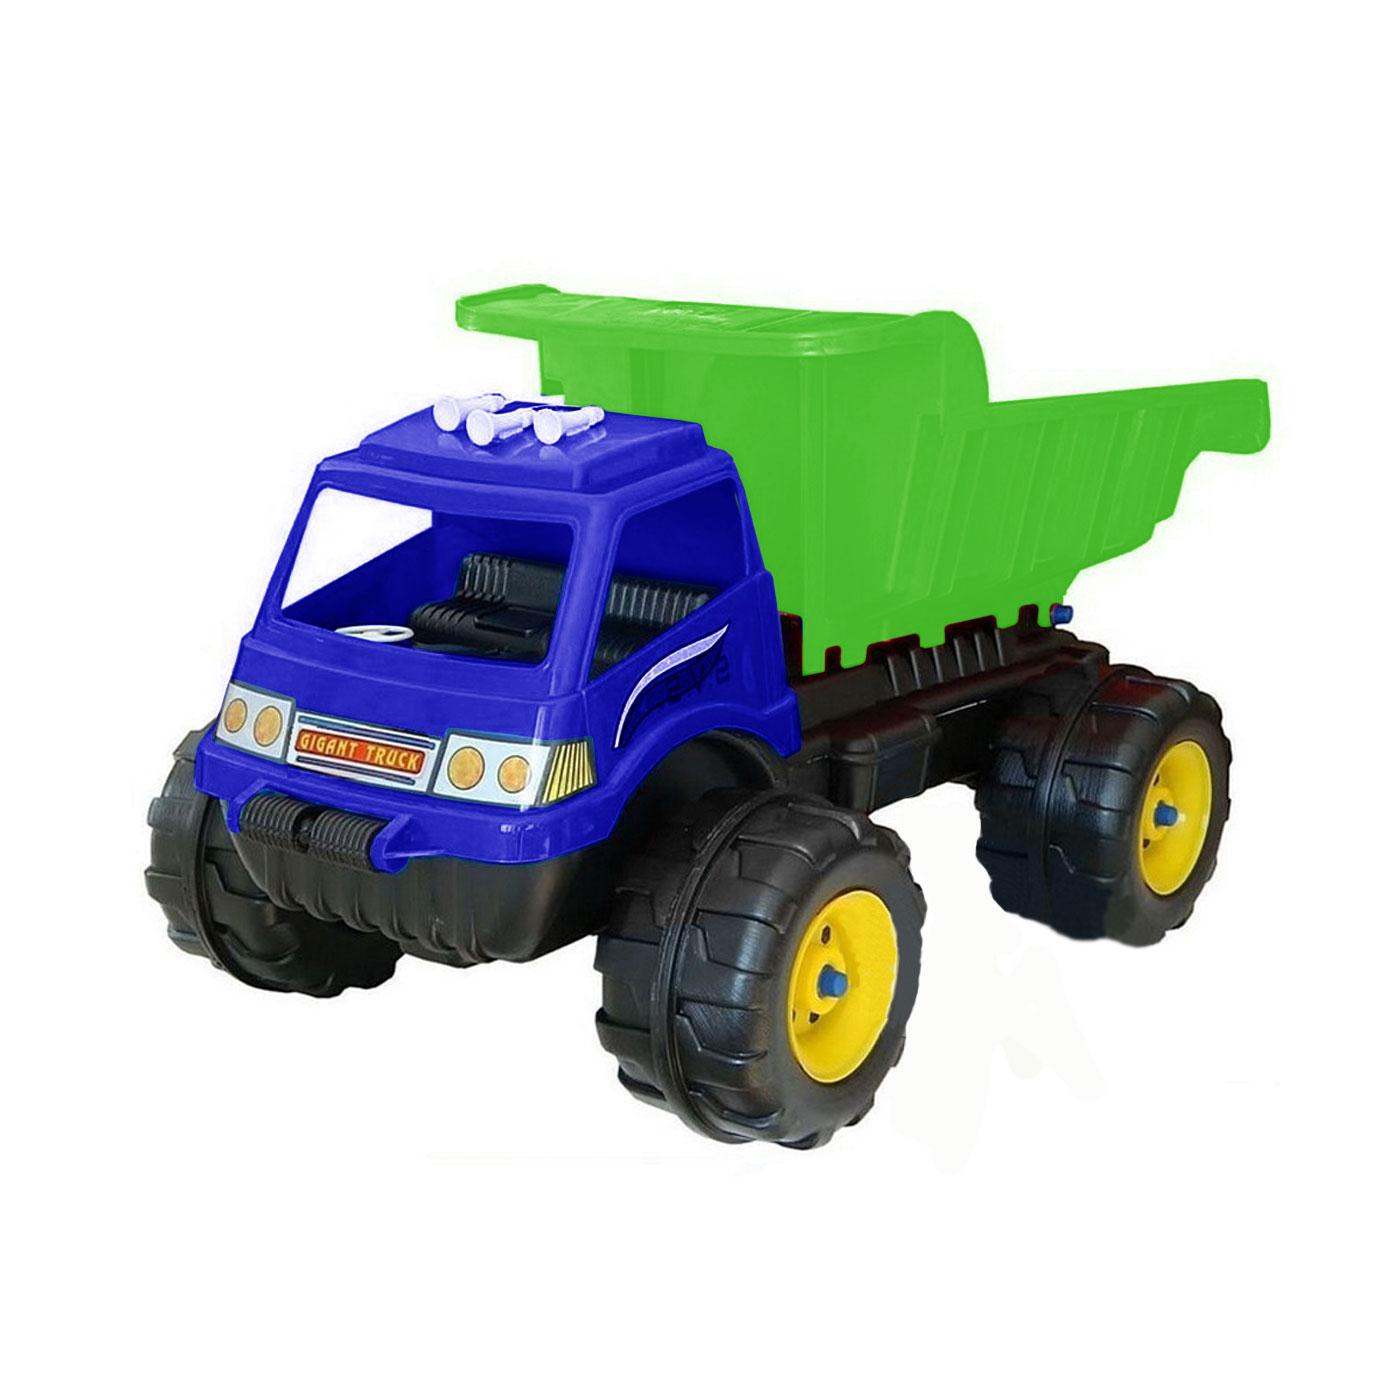 Машина Гигант RT МАХ 08-802 Лопата и грабли Синий с зеленым<br>